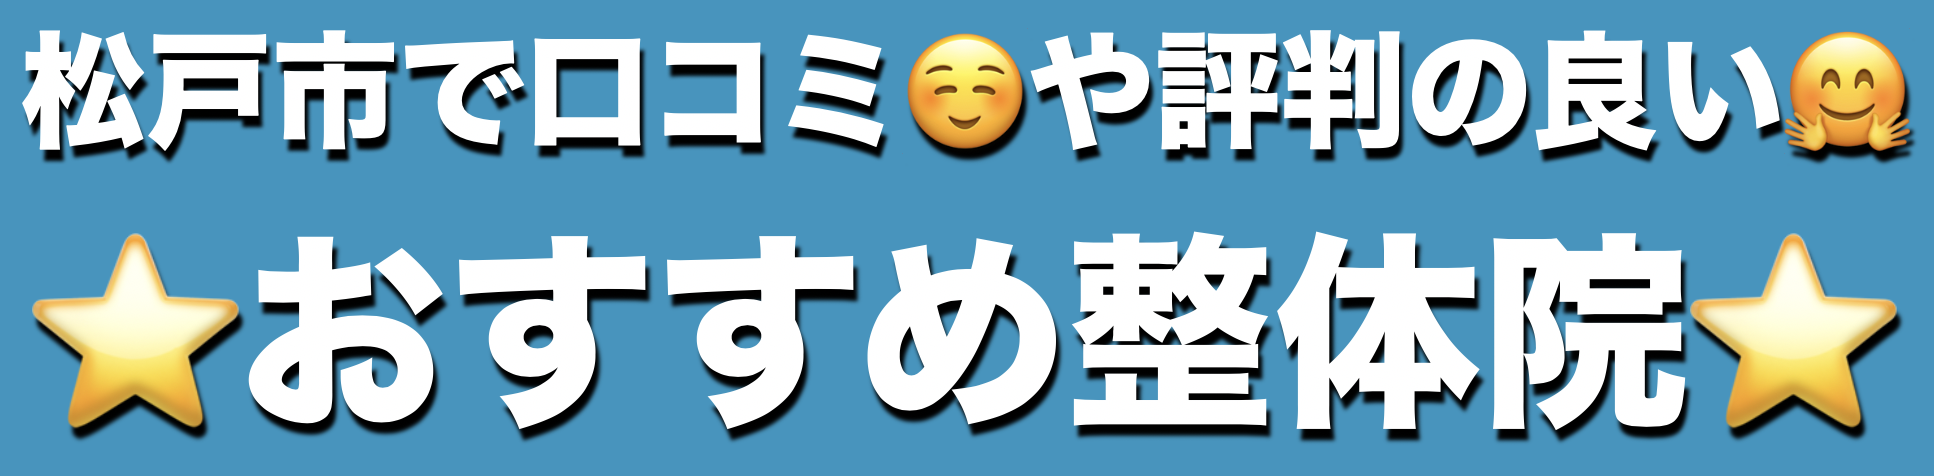 松戸市で口コミや評判の良いおすすめ整体院